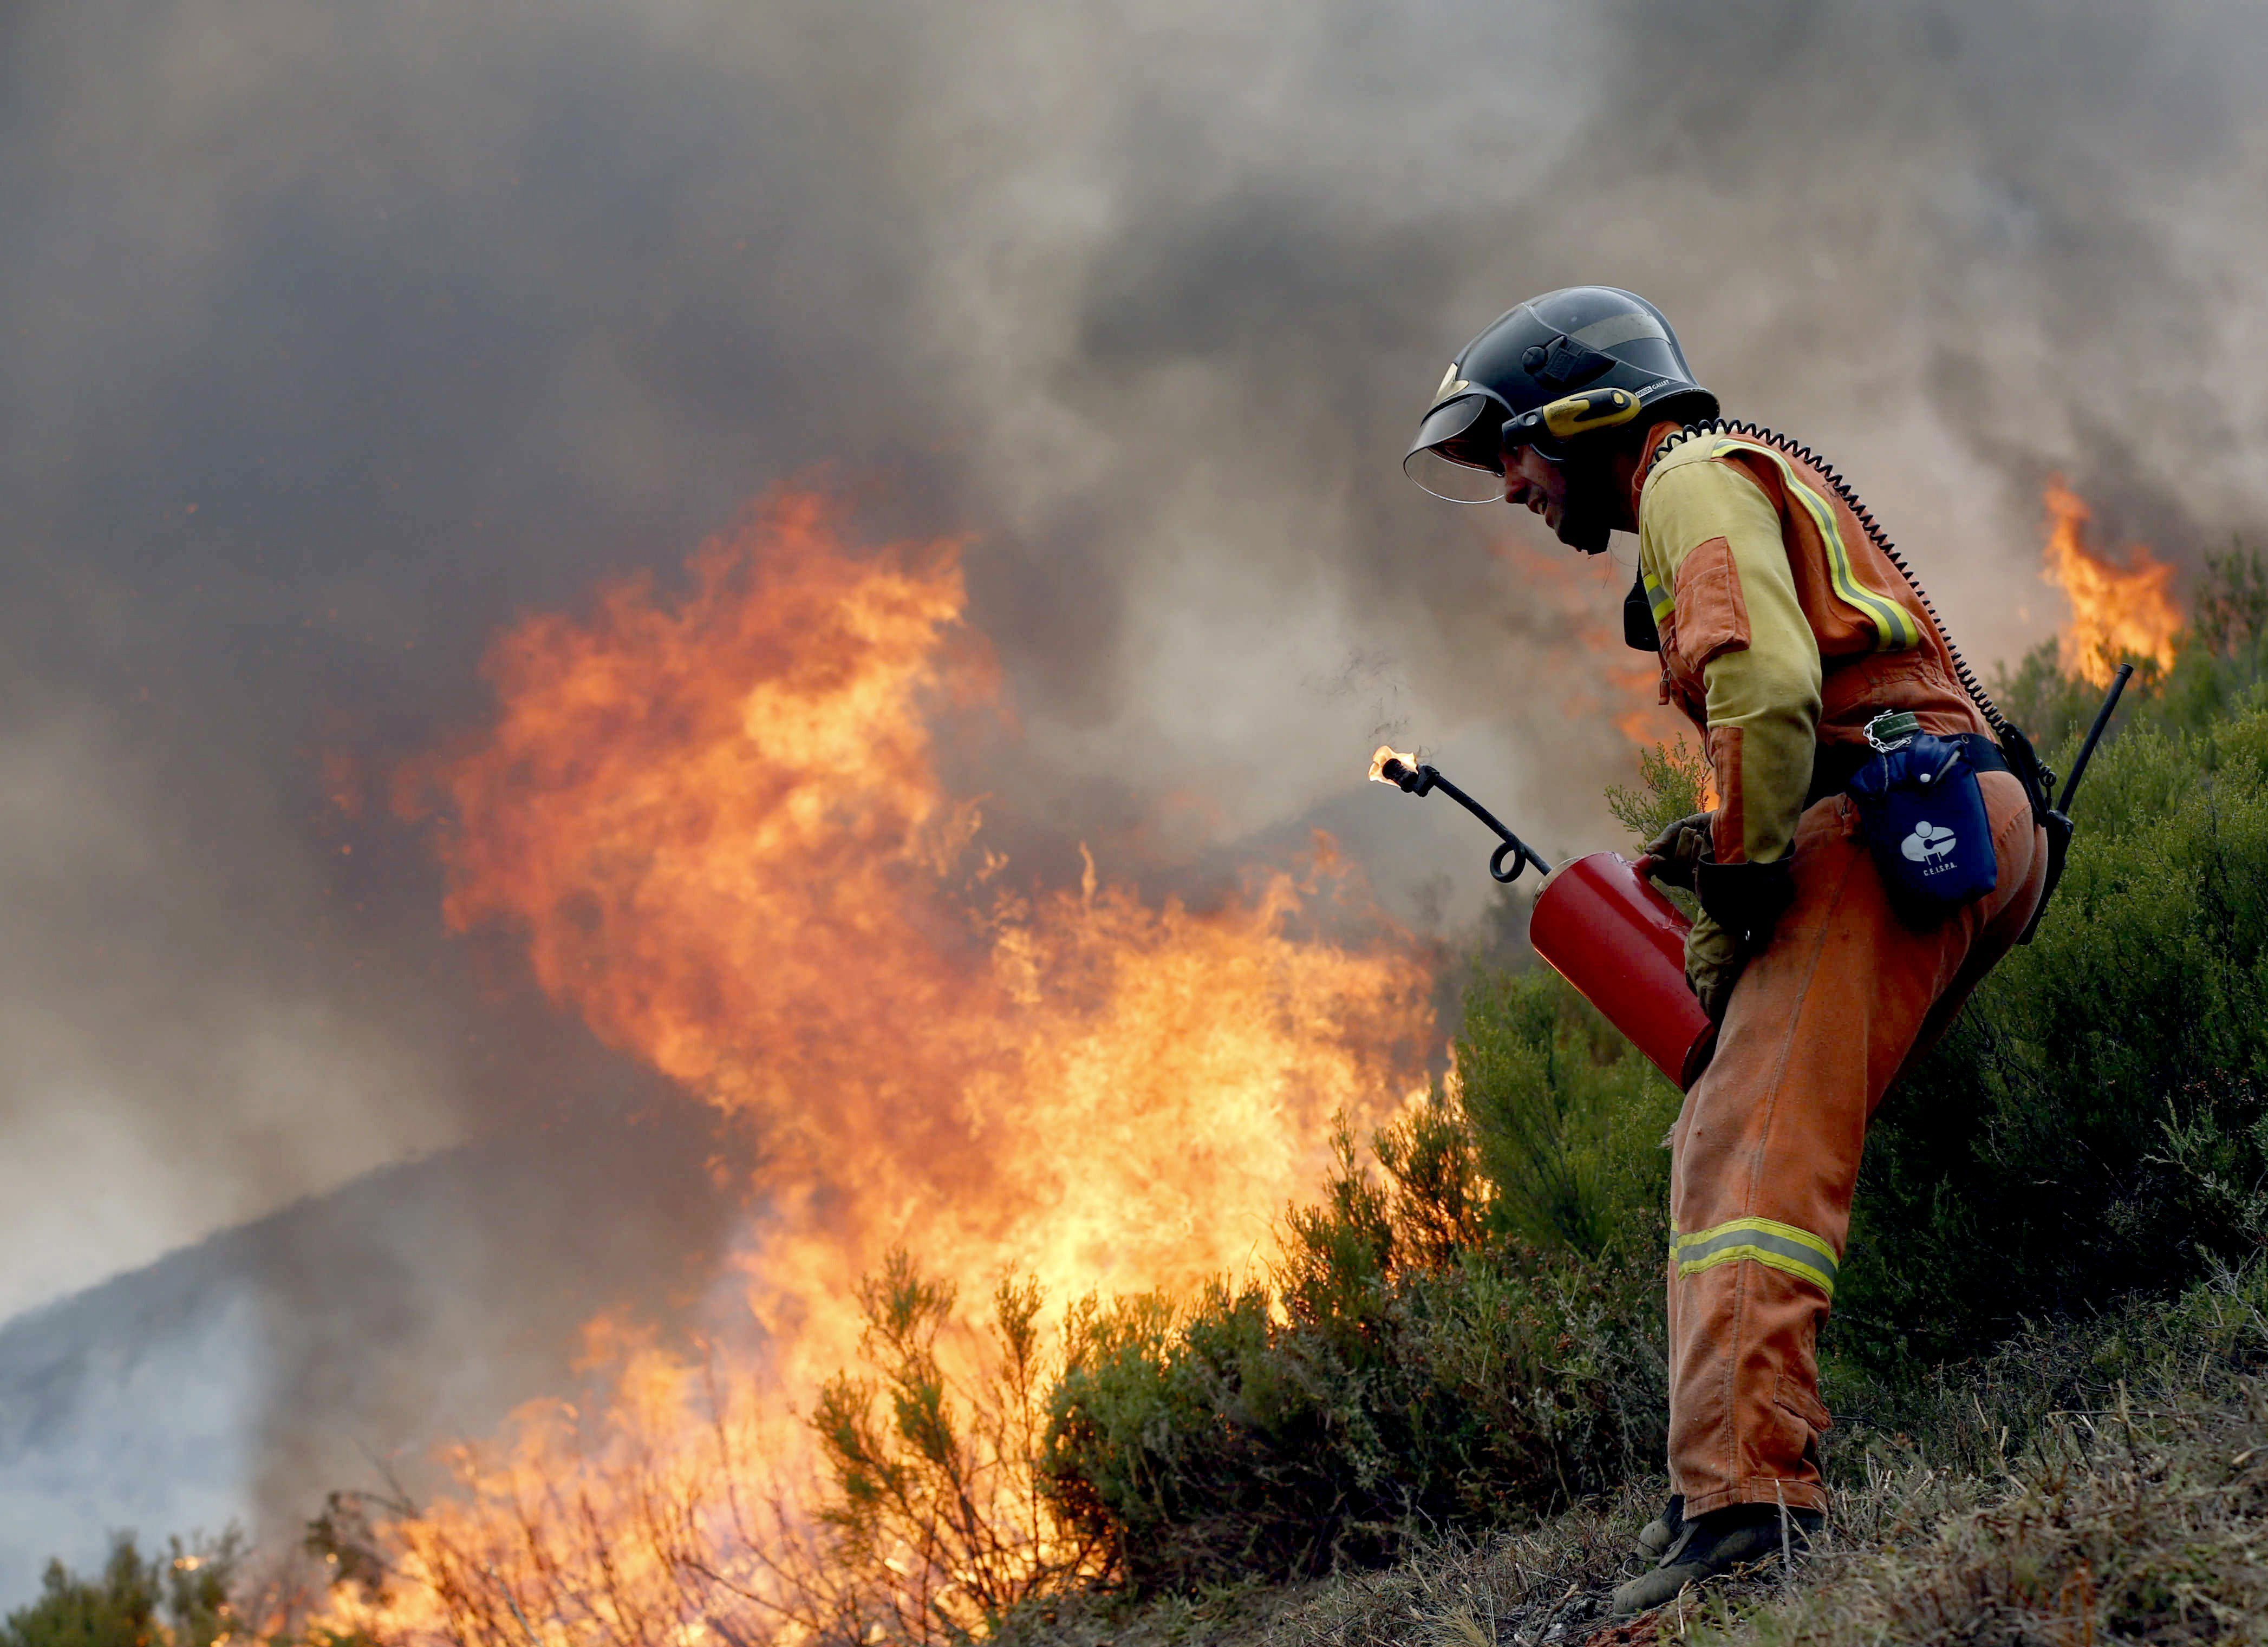 Un bomber realitza un tallafoc als voltants de la Reserva de la Biosfera de Muniellos, la major roureda i millor conservada d'Espanya. Astúries registra fins a 32 incendis forestals que han obligat ja al desallotjament de tres petites localitats de Cangas del Narcea, així com a suspendre les classes a 23 col·legis./José Luis Cereijido